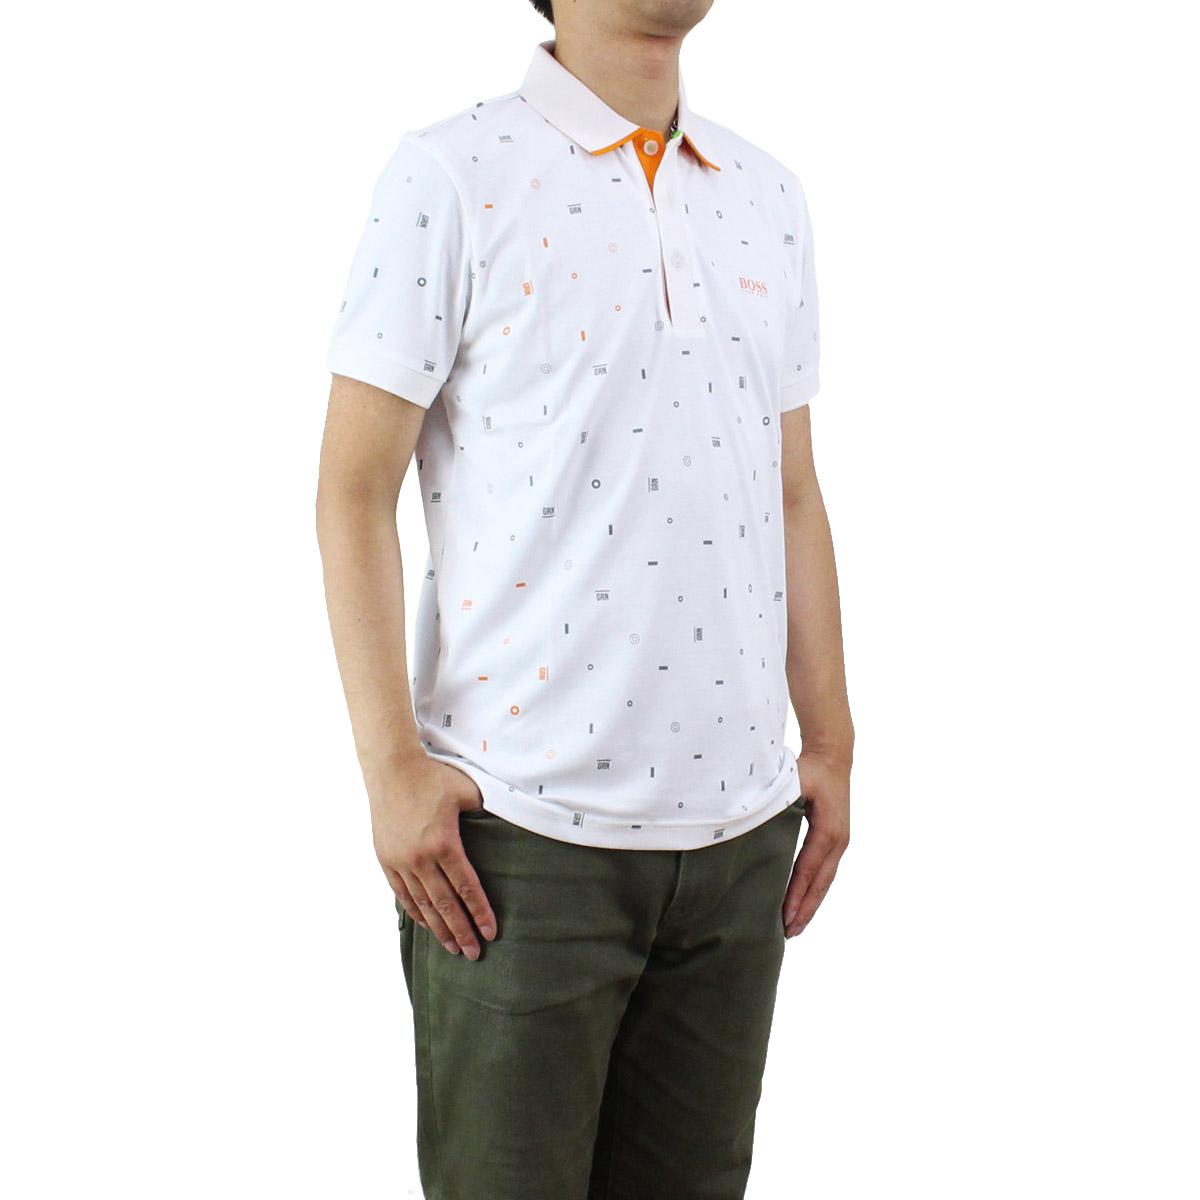 ヒューゴボス ゴルフウェア ヒューゴ ボス HUGO BOSS メンズ ポロシャツ 50330415 10196380 100 ホワイト系 メンズ 半袖【キャッシュレス 5% 還元】